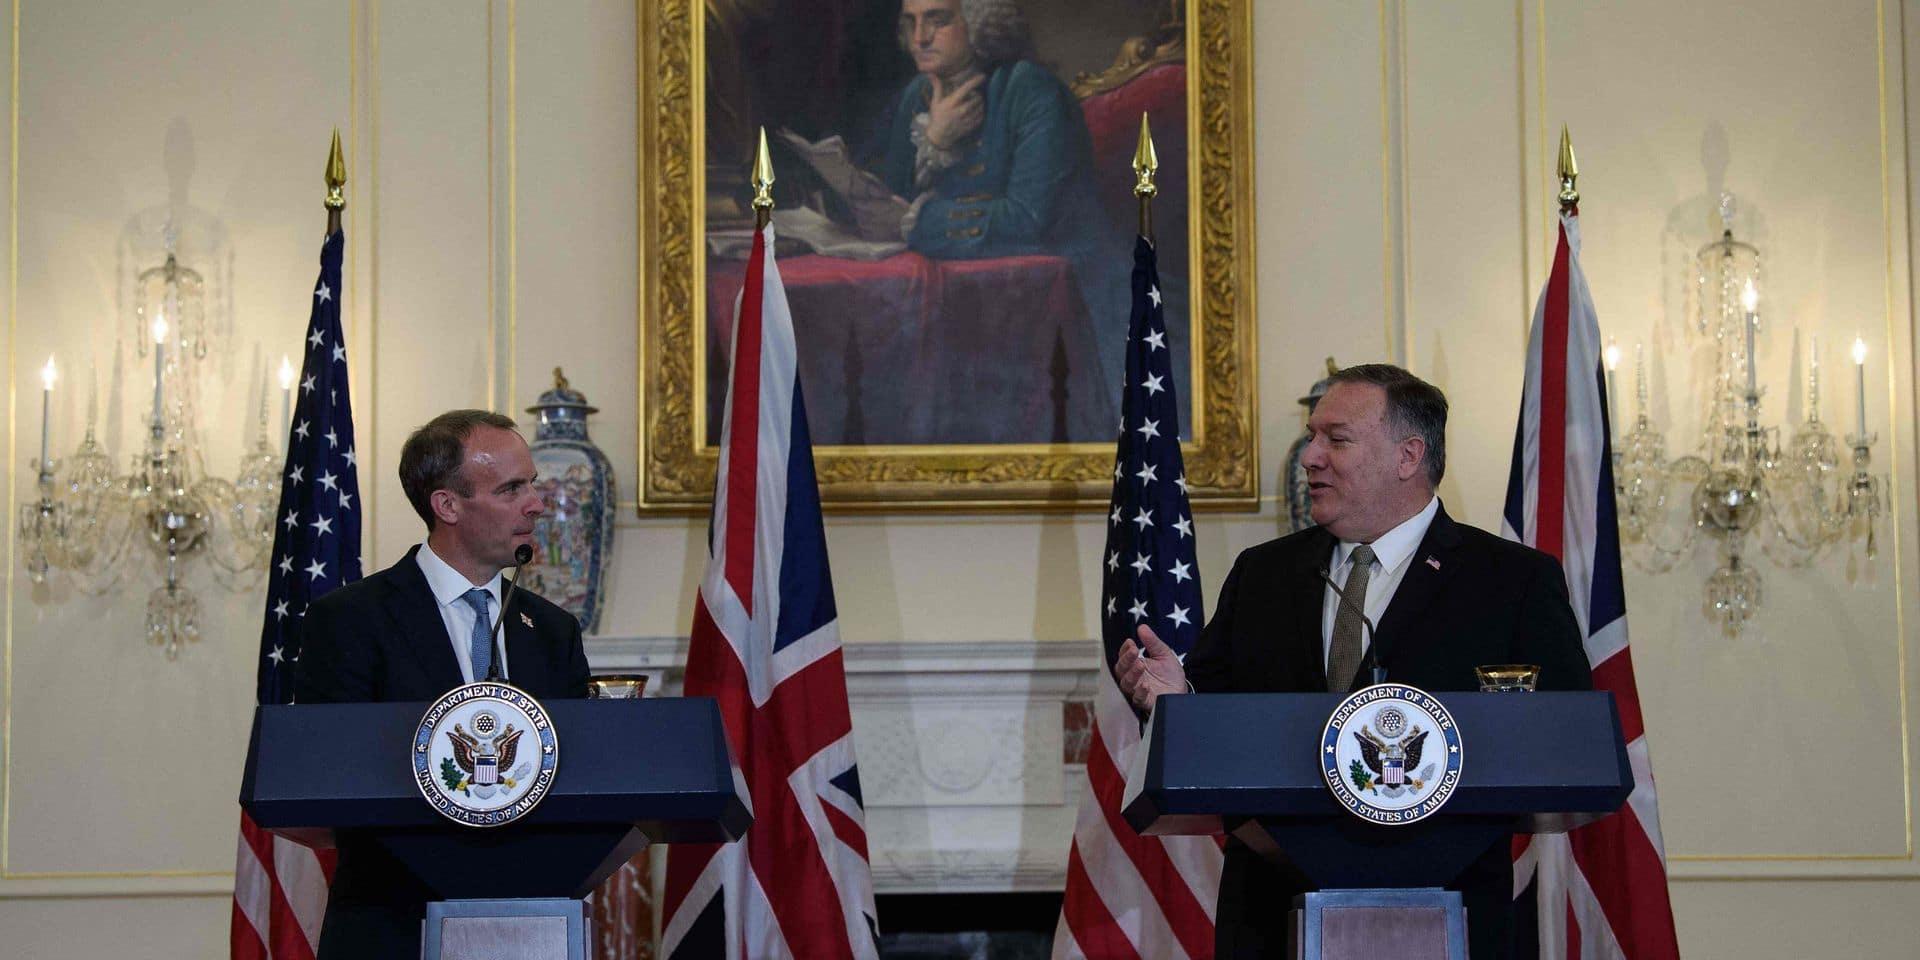 Le garde du corps du chef de la diplomatie britannique oublie son... pistolet dans un avion